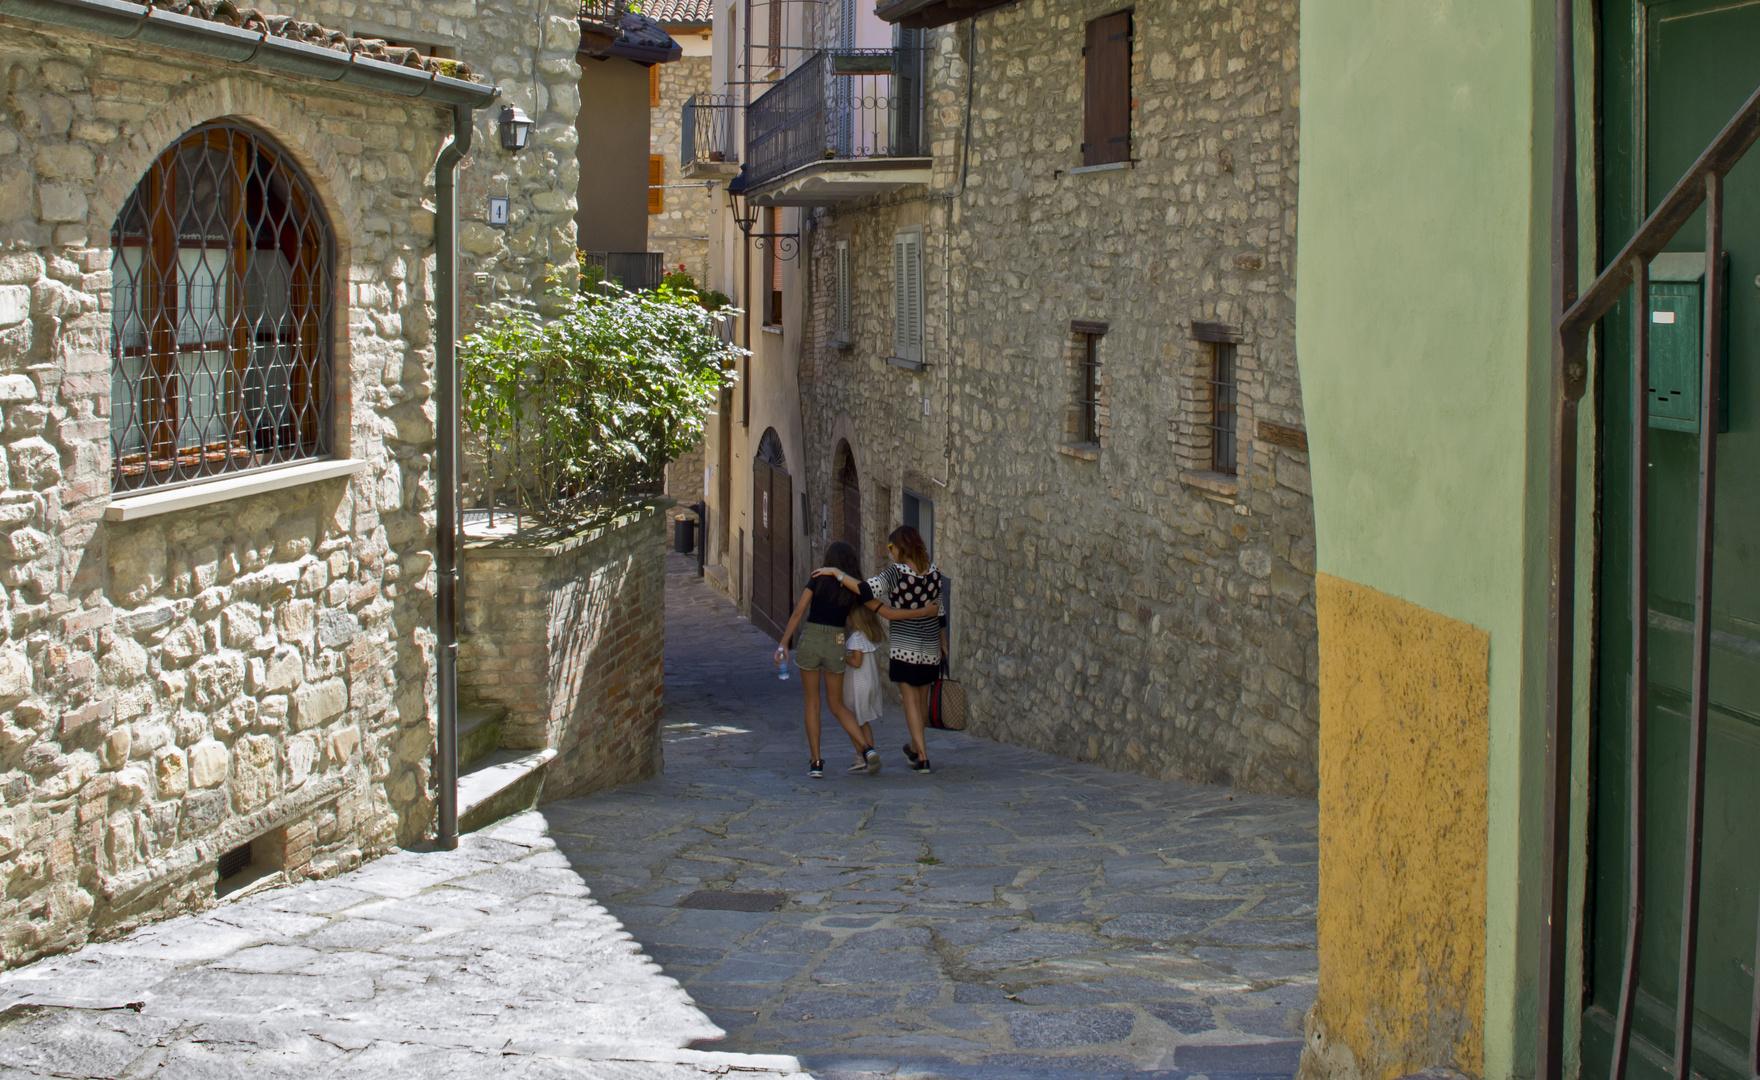 L'amore infinito Foto % Immagini  la mia città, italy ...